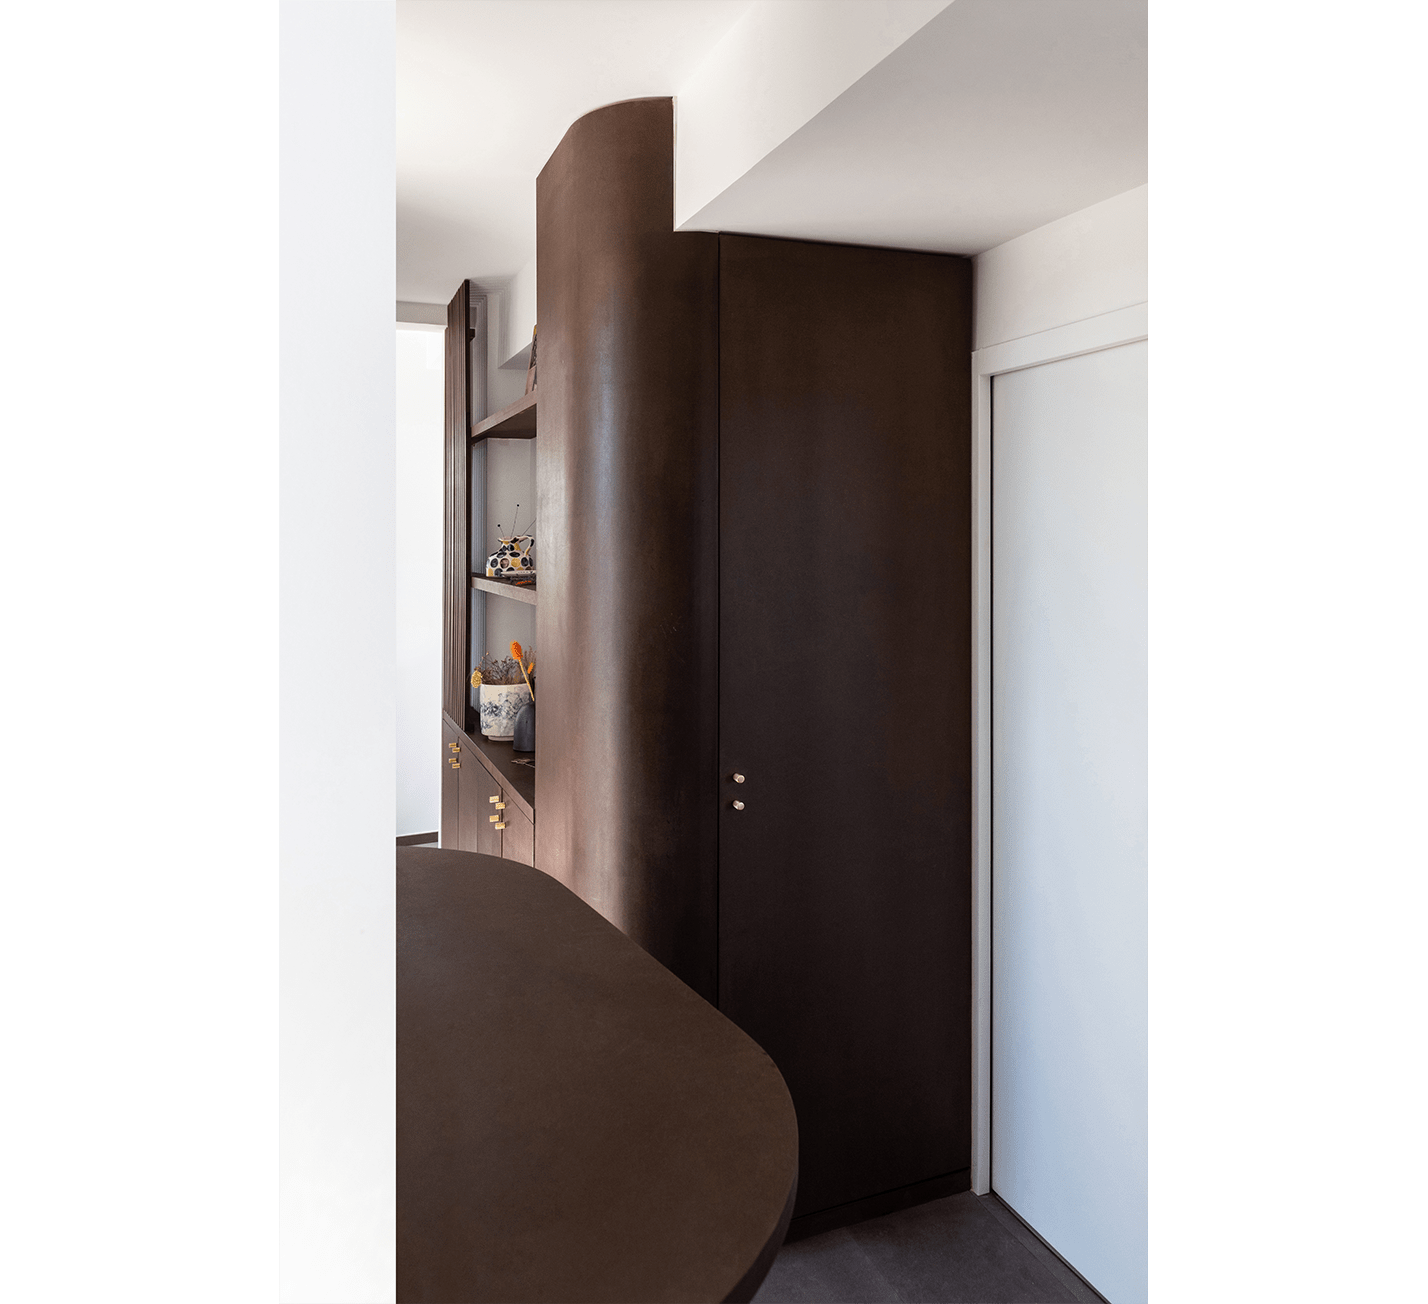 Projet-Gabriel-Atelier-Steve-Pauline-Borgia-Architecture-interieur-05-min